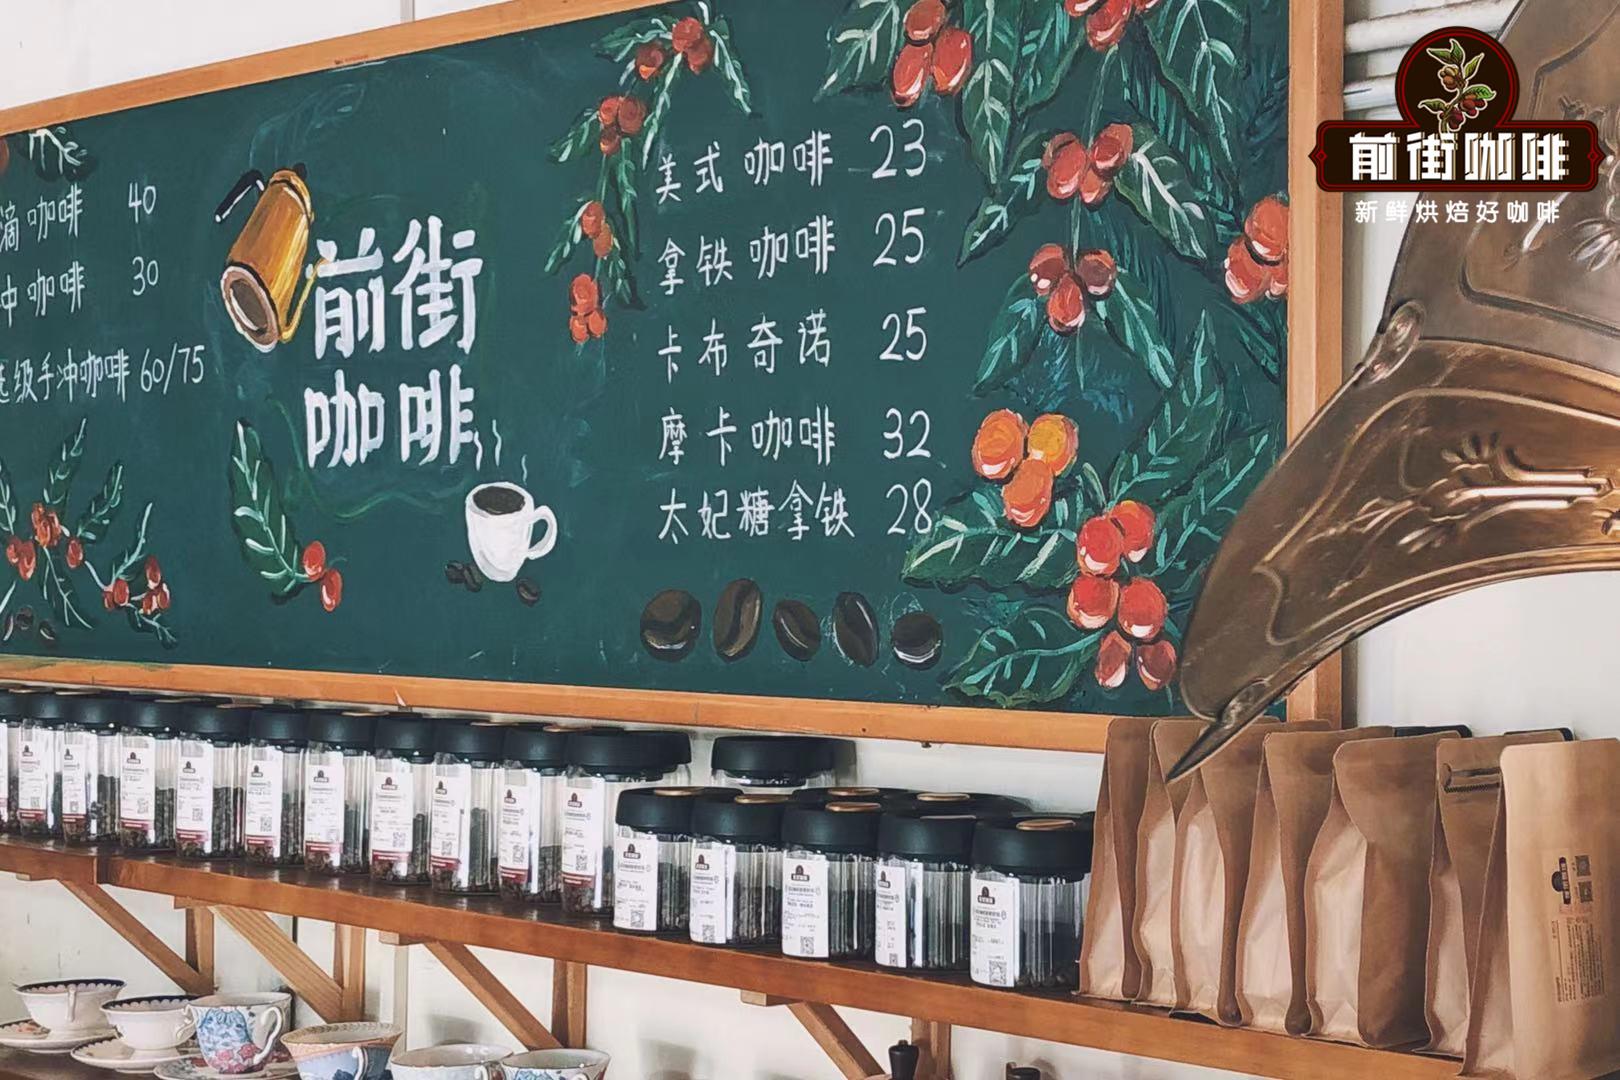 韩国人喜欢喝冰美式咖啡的原因 美式咖啡苦吗黑咖啡能减肥吗